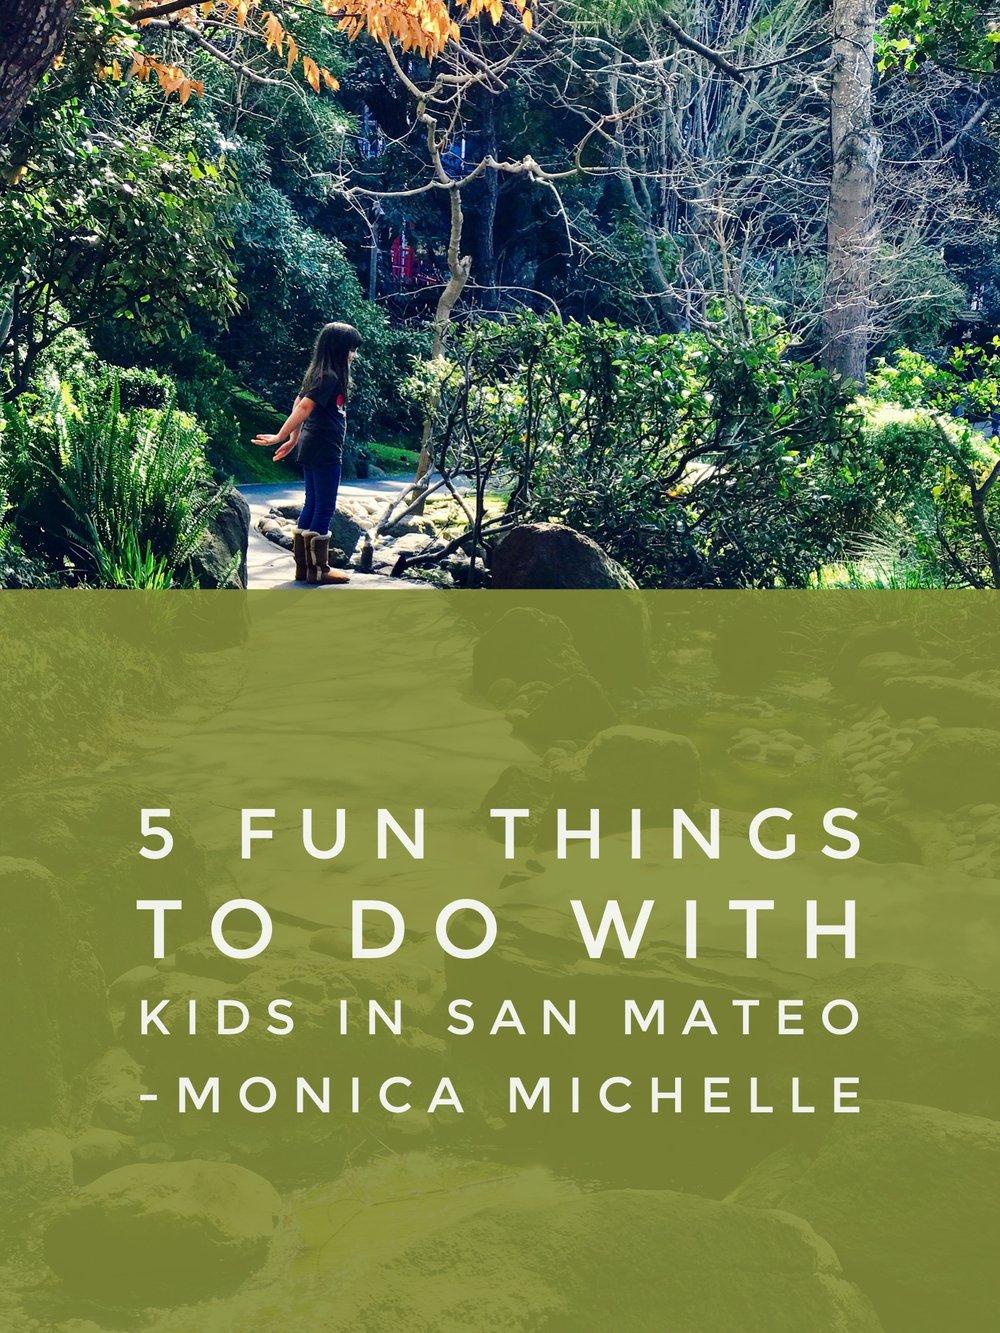 5 Fun Things to Do in San Mateo